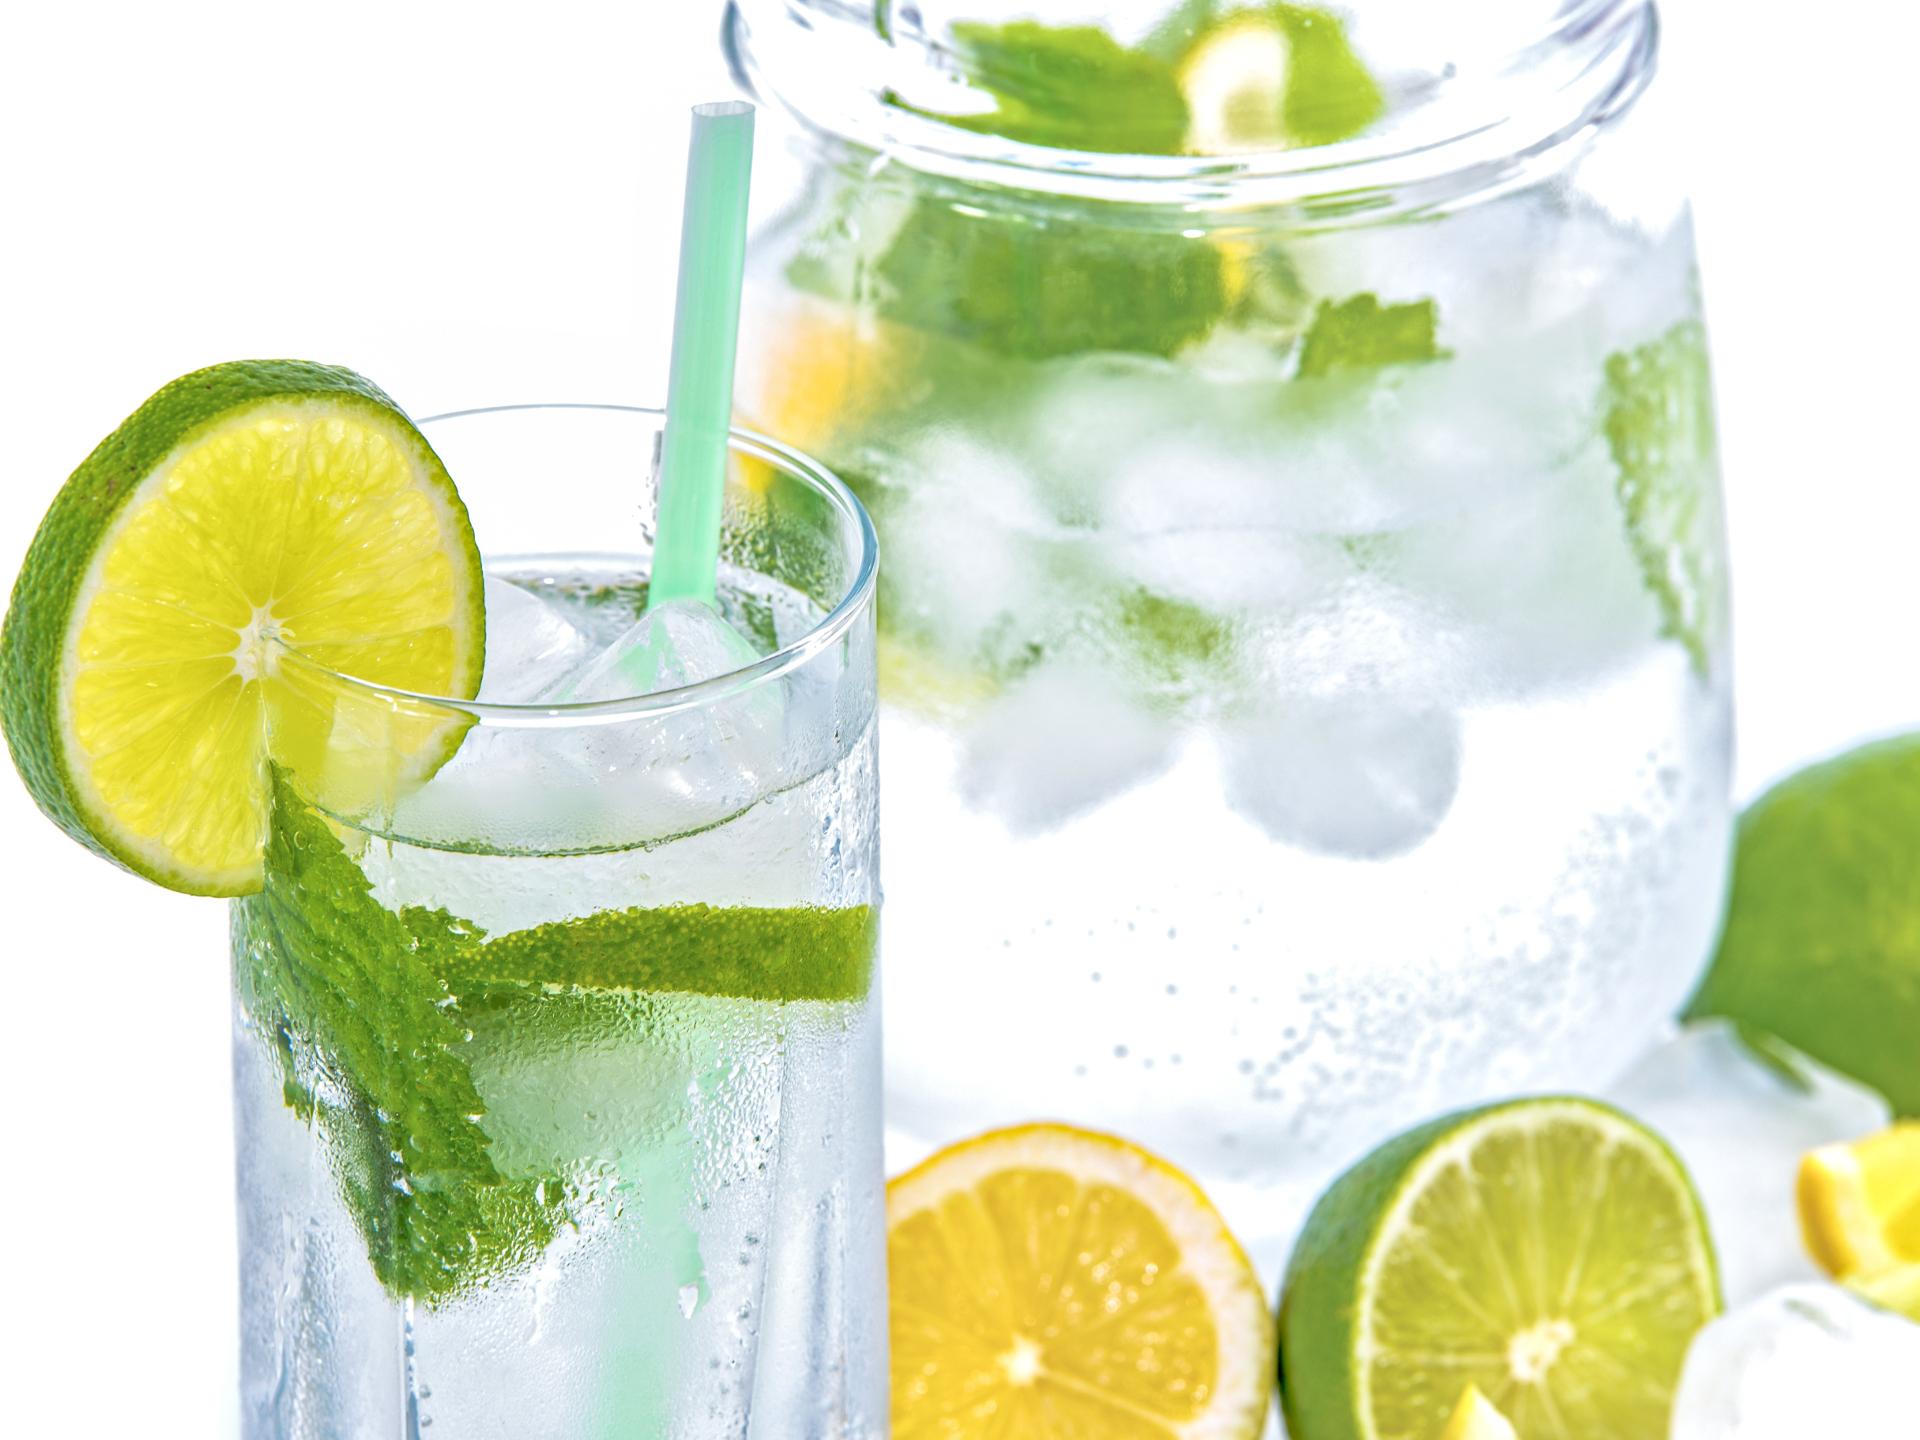 Getränke mit Minze und Zitrusfrüchten sind im Sommer meist sehr willkommen. - Photocredit: pixabay.com/PhotoMIX-Company